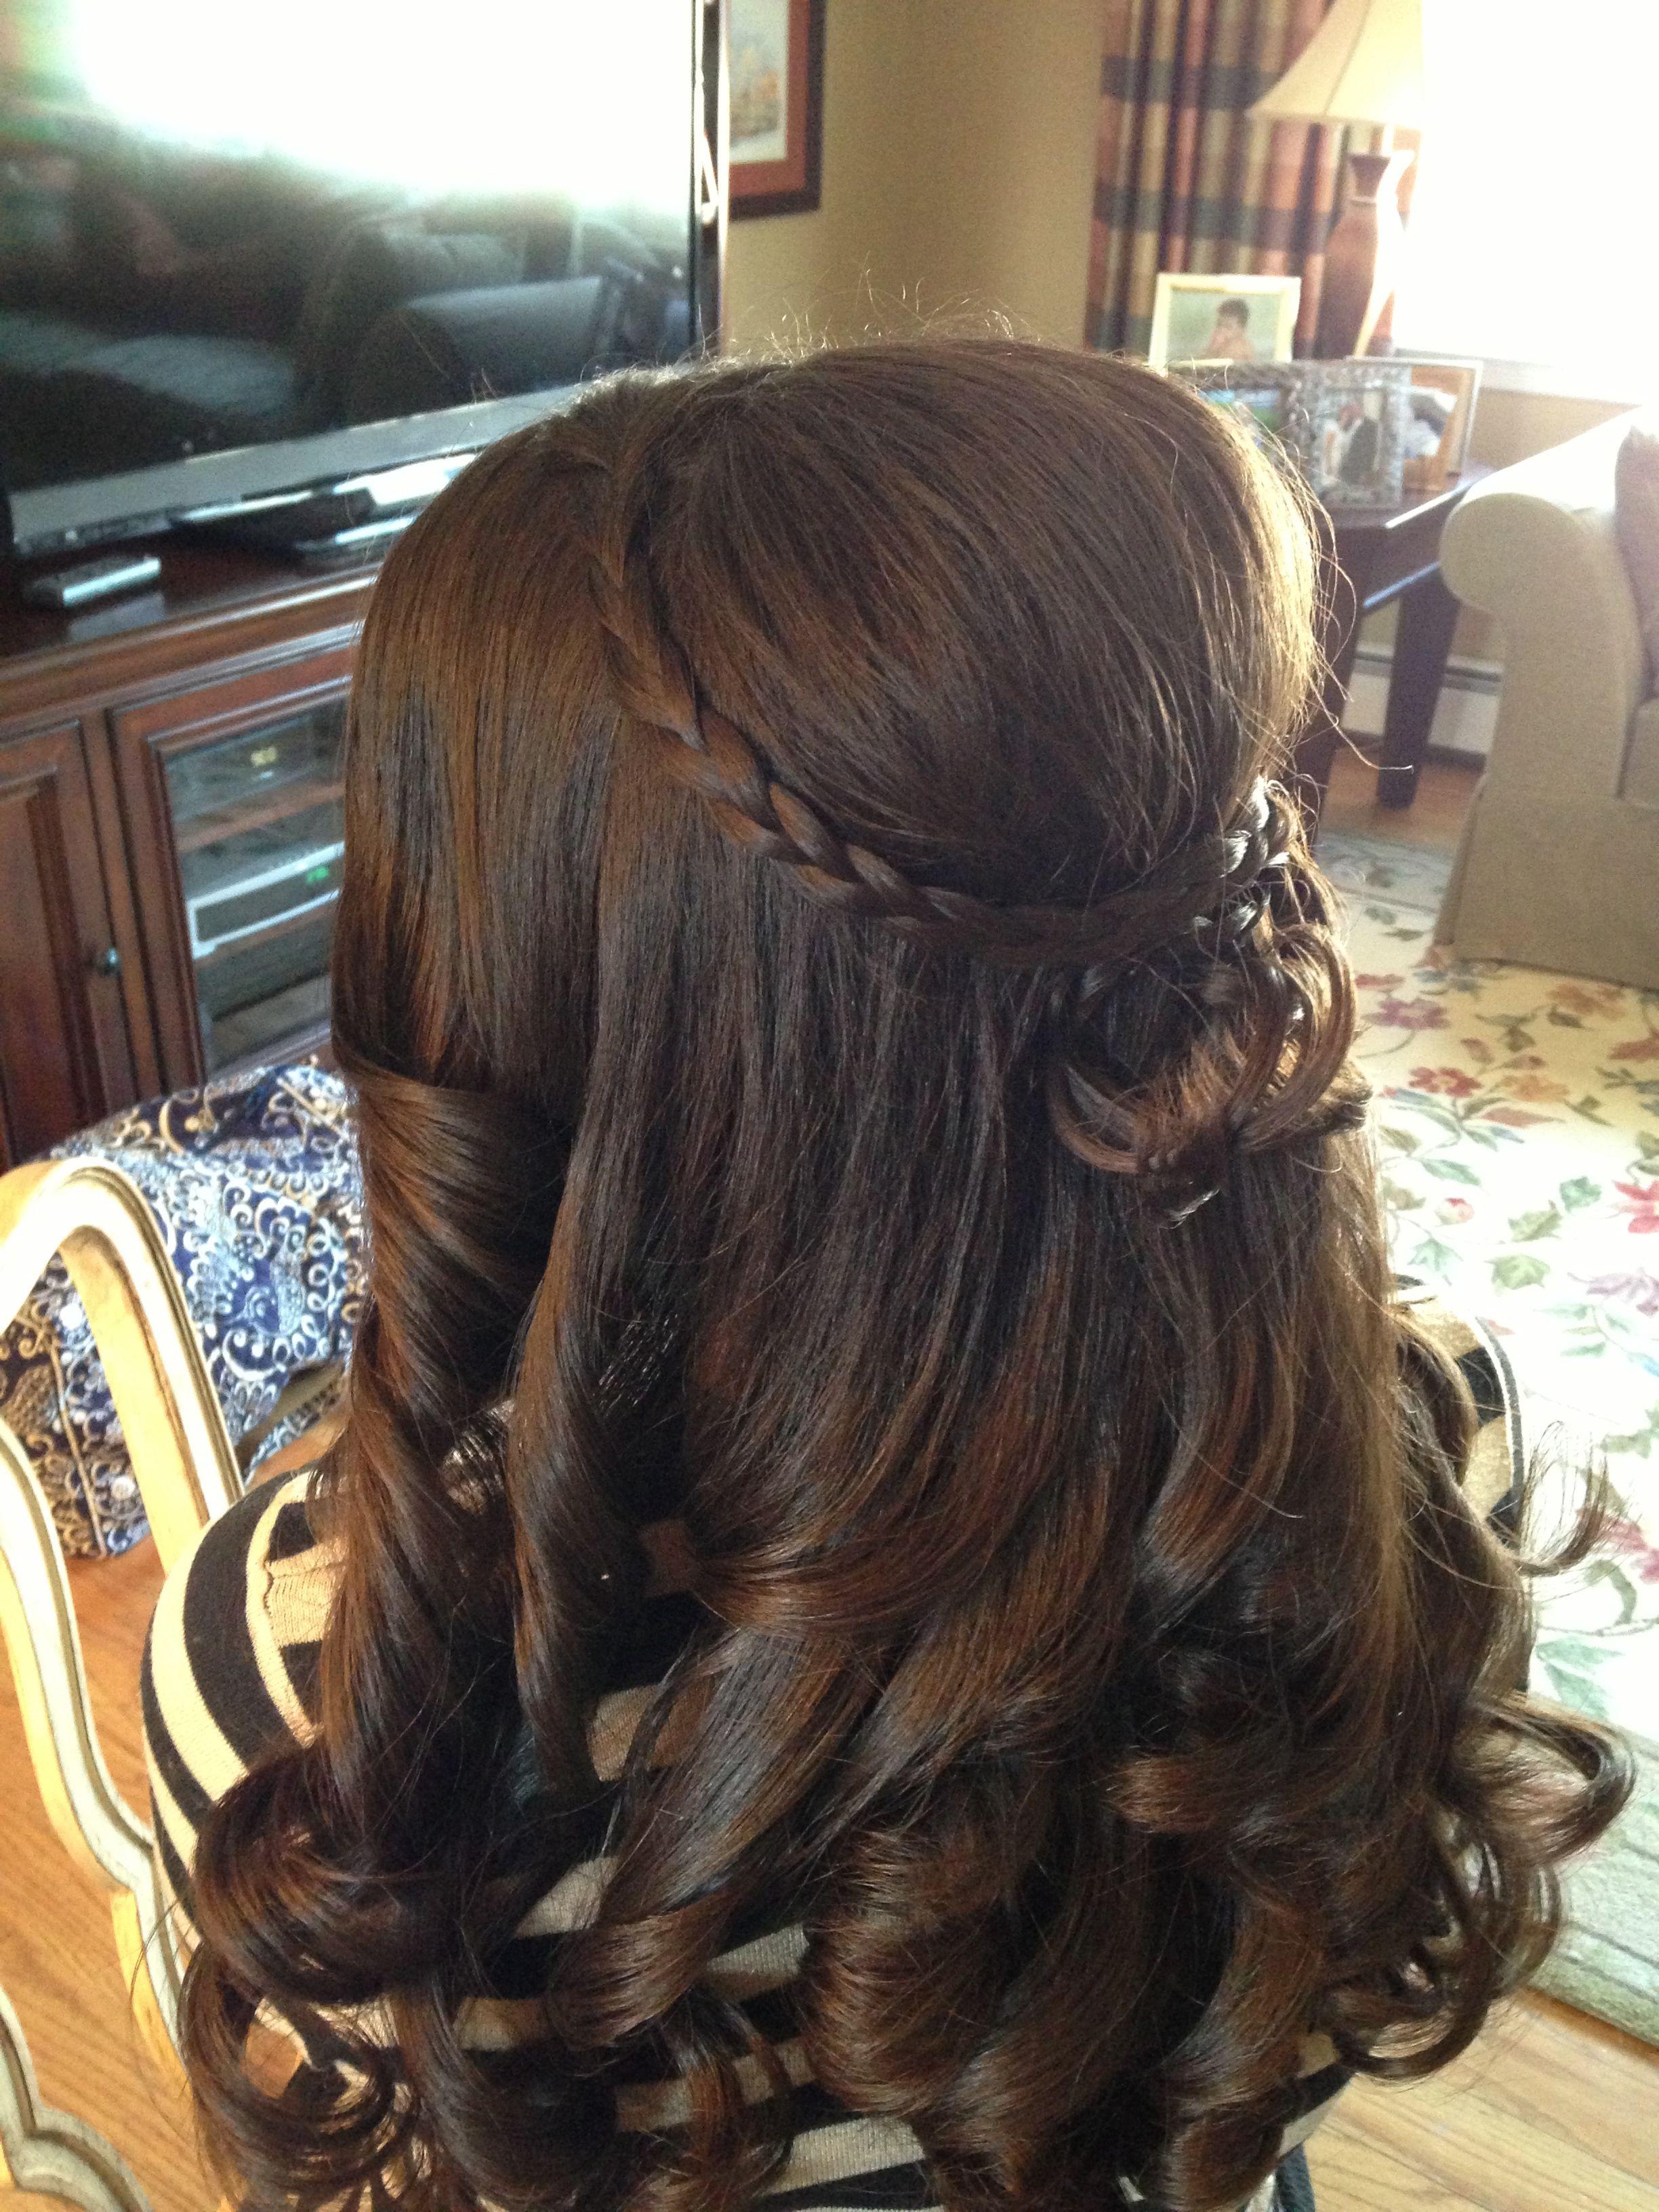 Updo 1 2 Up Hair Braid Braided Hair Prom Hair Wedding Hair Long